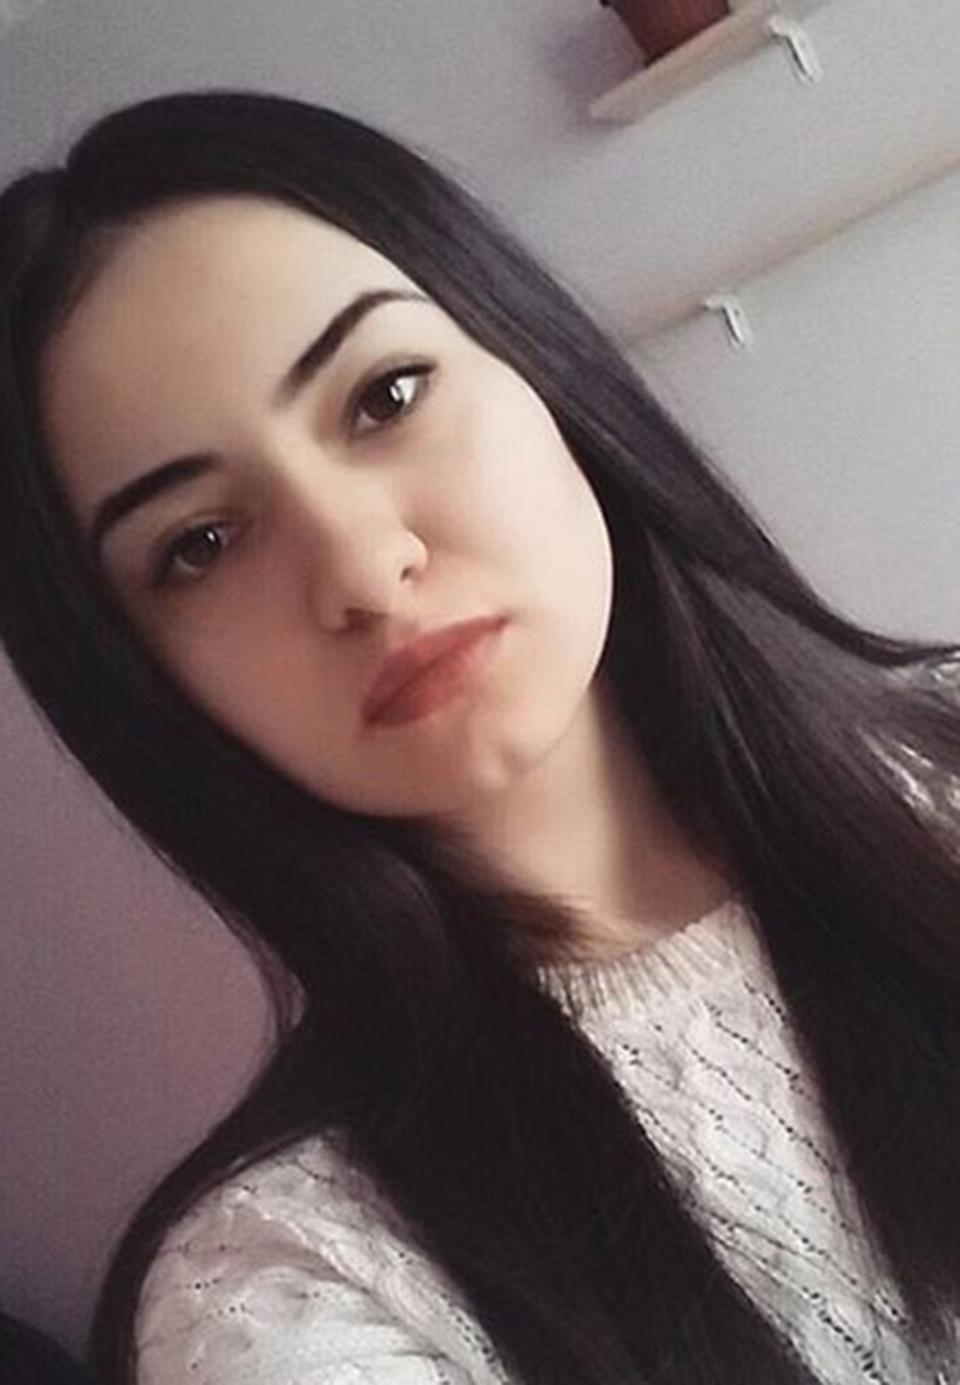 Дильбара Алиева, 21 год